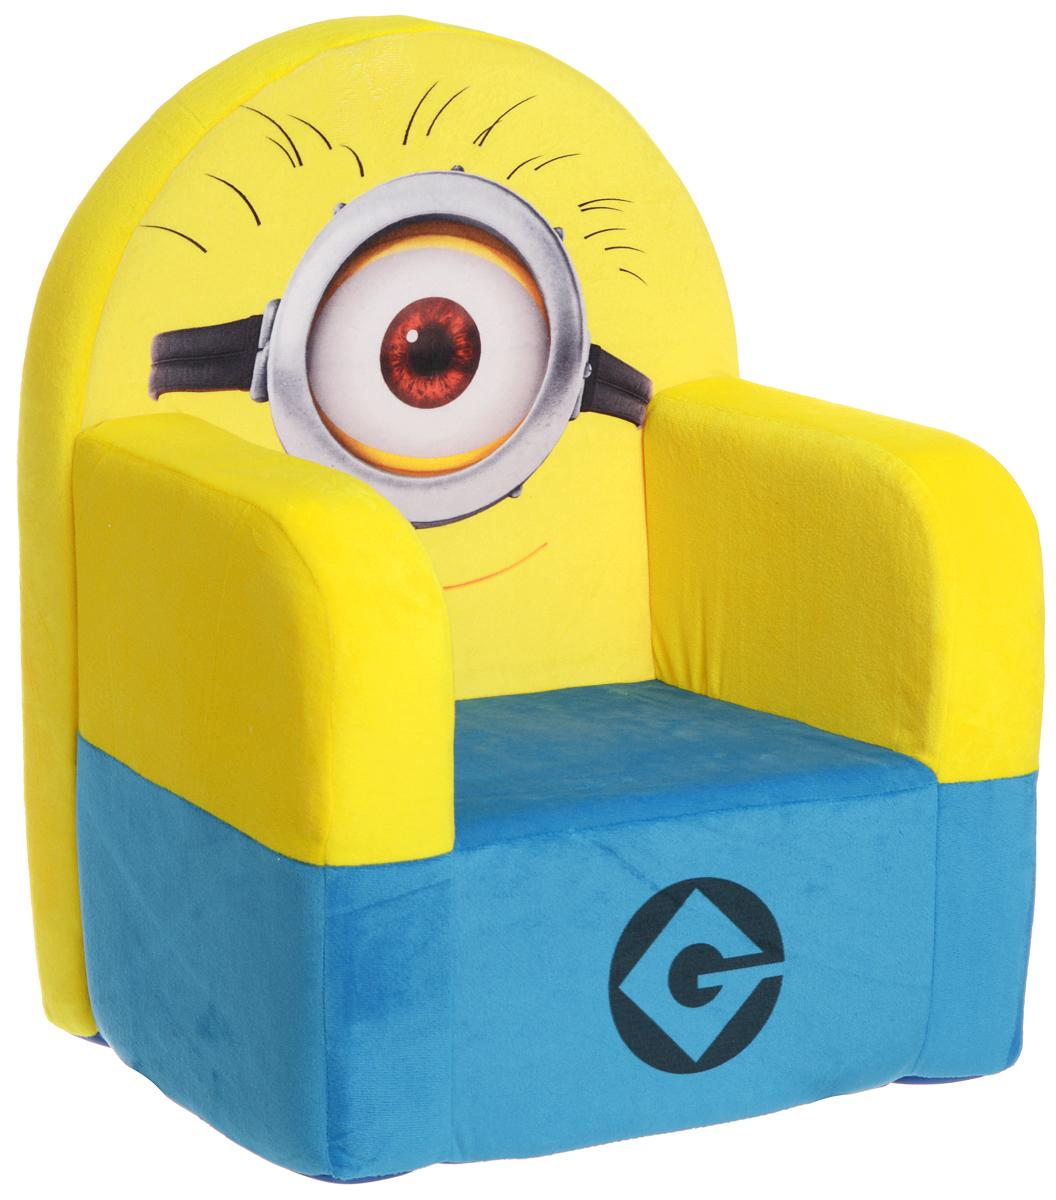 СмолТойс Мягкая игрушка Кресло Гадкий Я 53 см2130/ЖЛ/53Мягкая игрушка СмолТойс Кресло Гадкий Я - это забавная игрушка, на которой можно посидеть и поиграть!Кресло с гипоаллергенным наполнителем невероятно комфортное и стильное. Оно идеально впишется в интерьер детской комнаты. Устойчивость кресла обеспечивается широкой площадью соприкосновения с полом. Мягкое кресло не имеет жестких вставок, поэтому вы можете быть спокойны за безопасность вашего малыша. На кресле изображен главный персонаж мультфильма Гадкий Я.